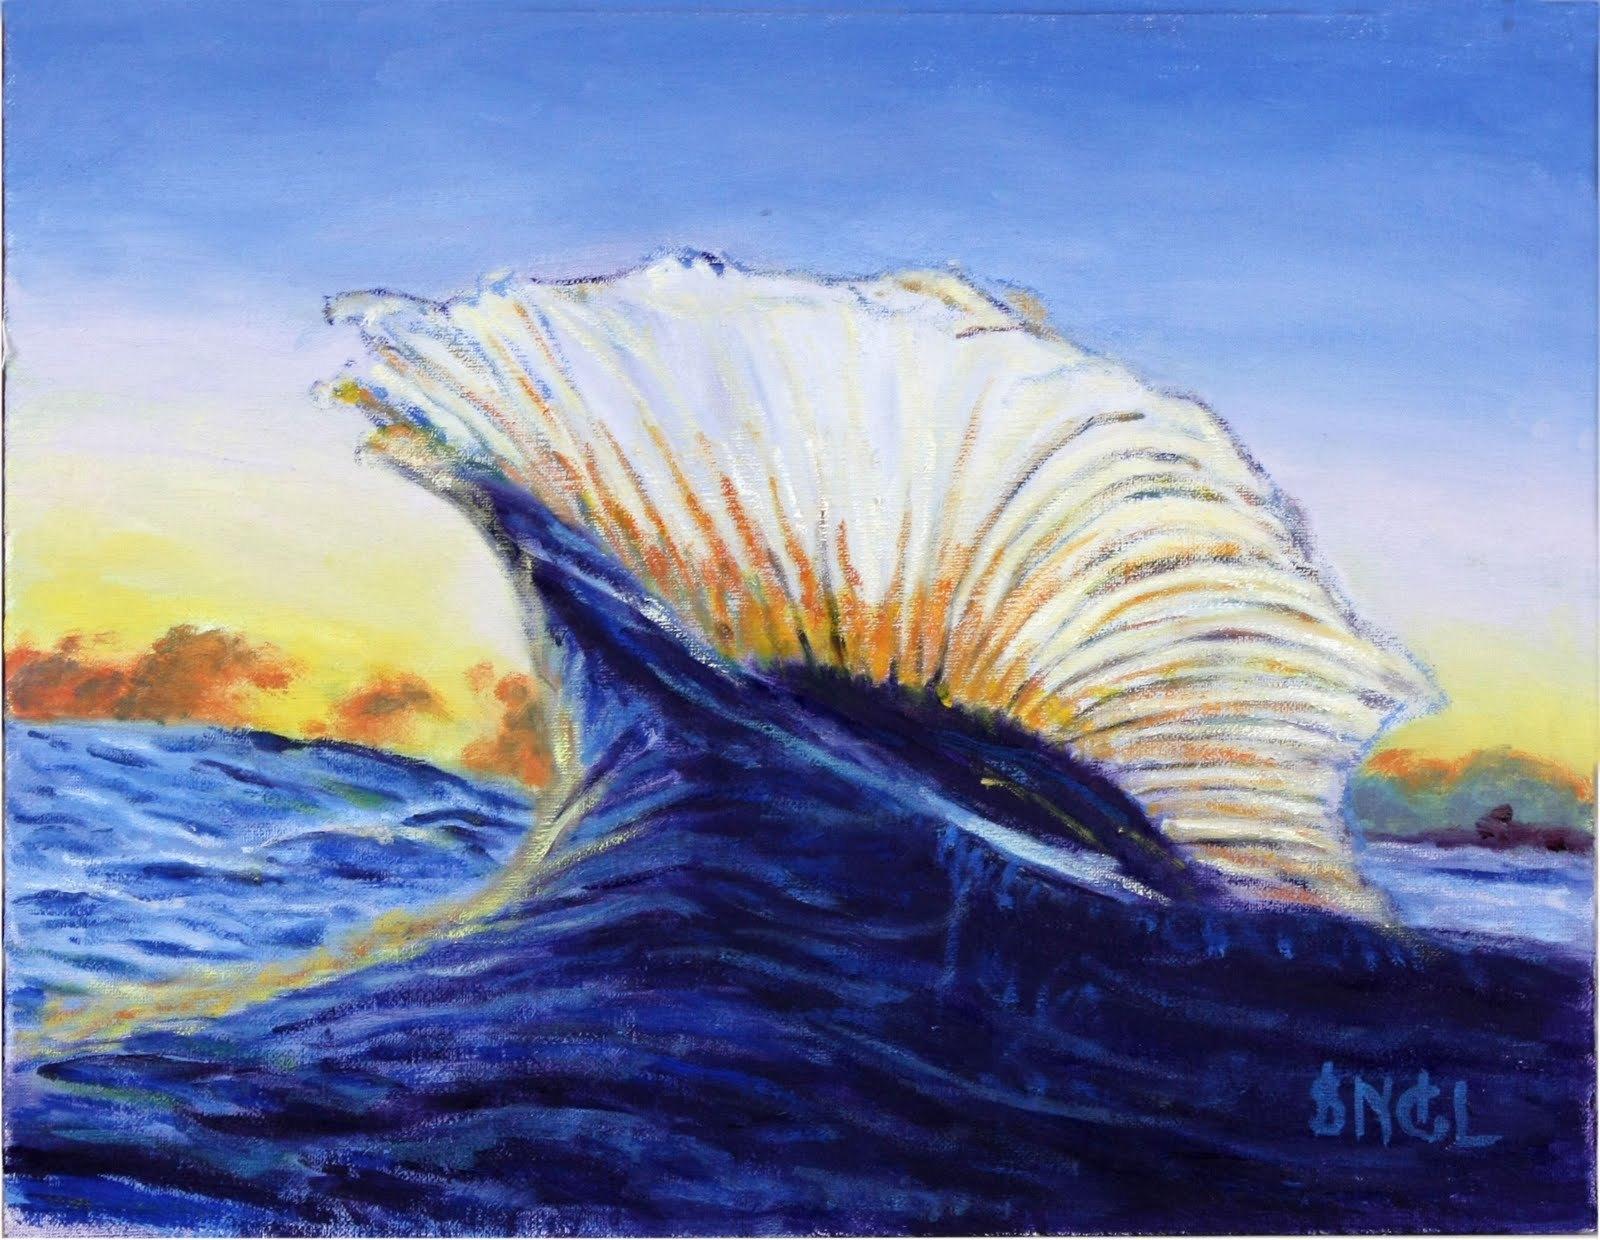 Peinture abstraite de paysage marin de couteau peinture abstraite de paysage - Peinture abstraite huile ...